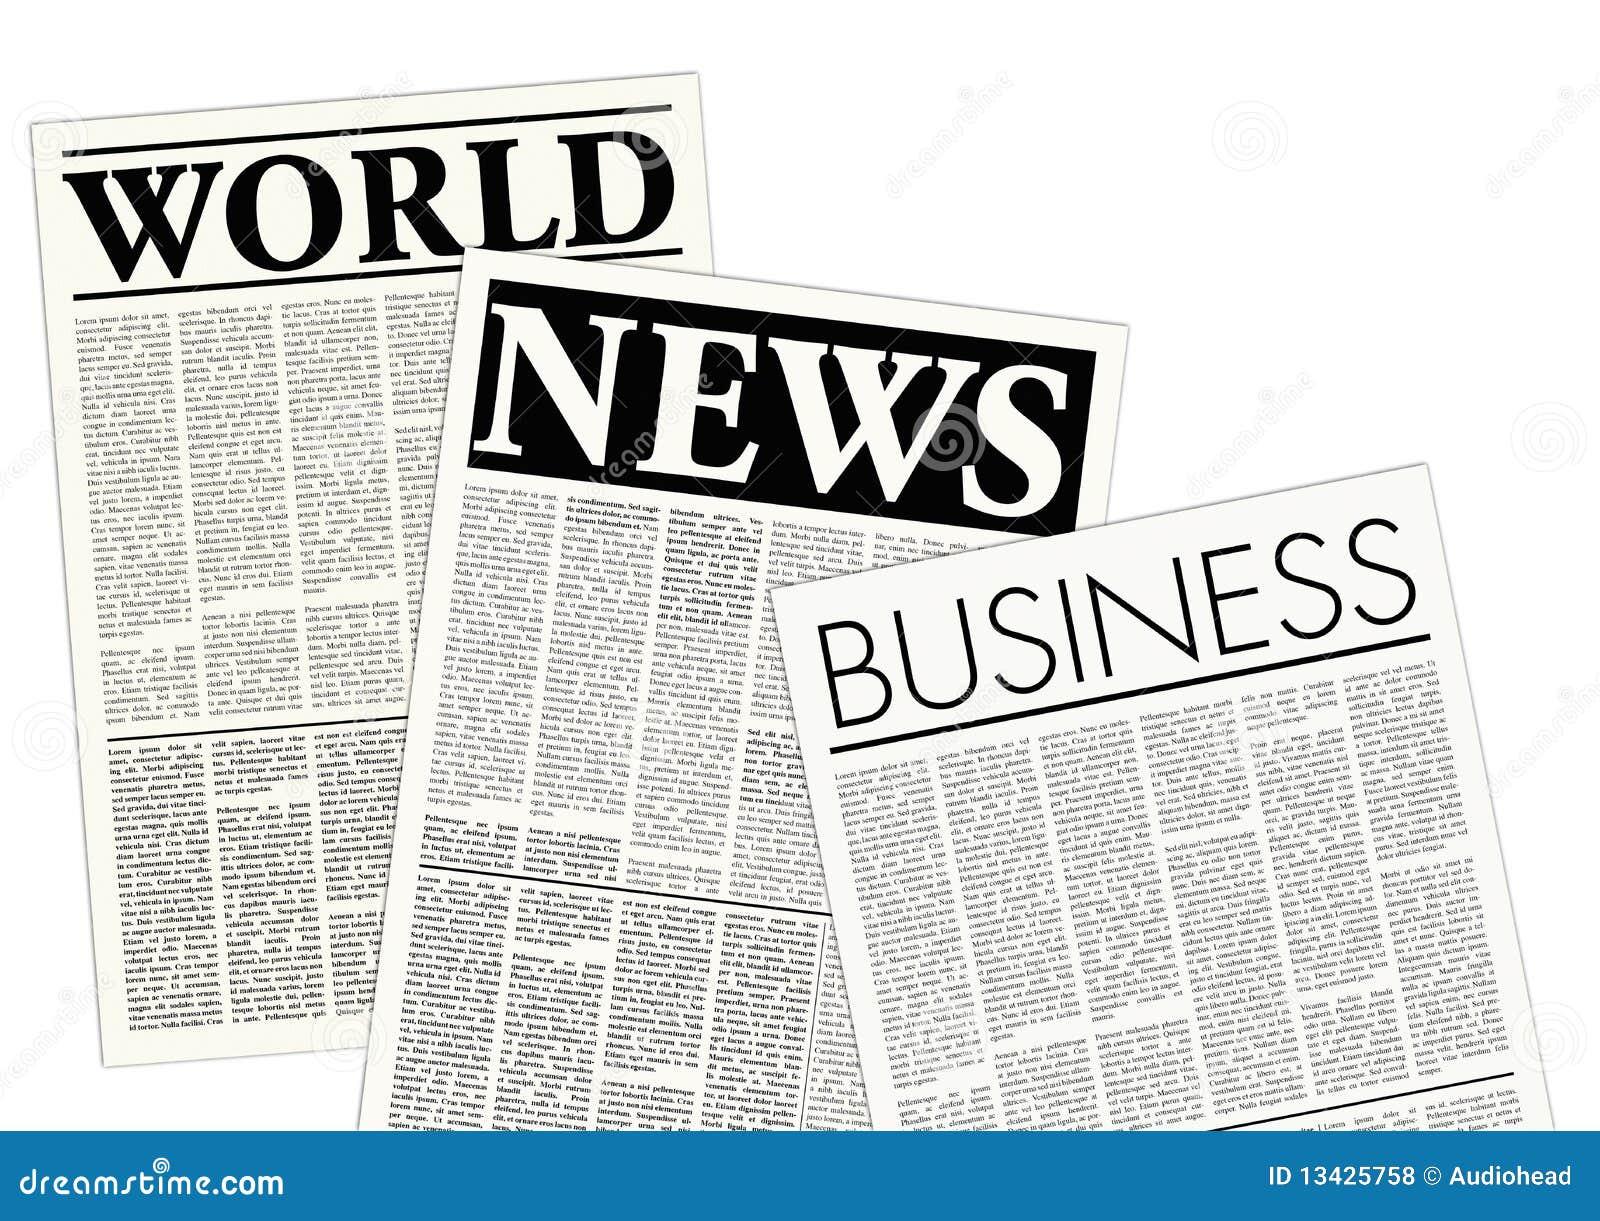 Fikcyjne gazety